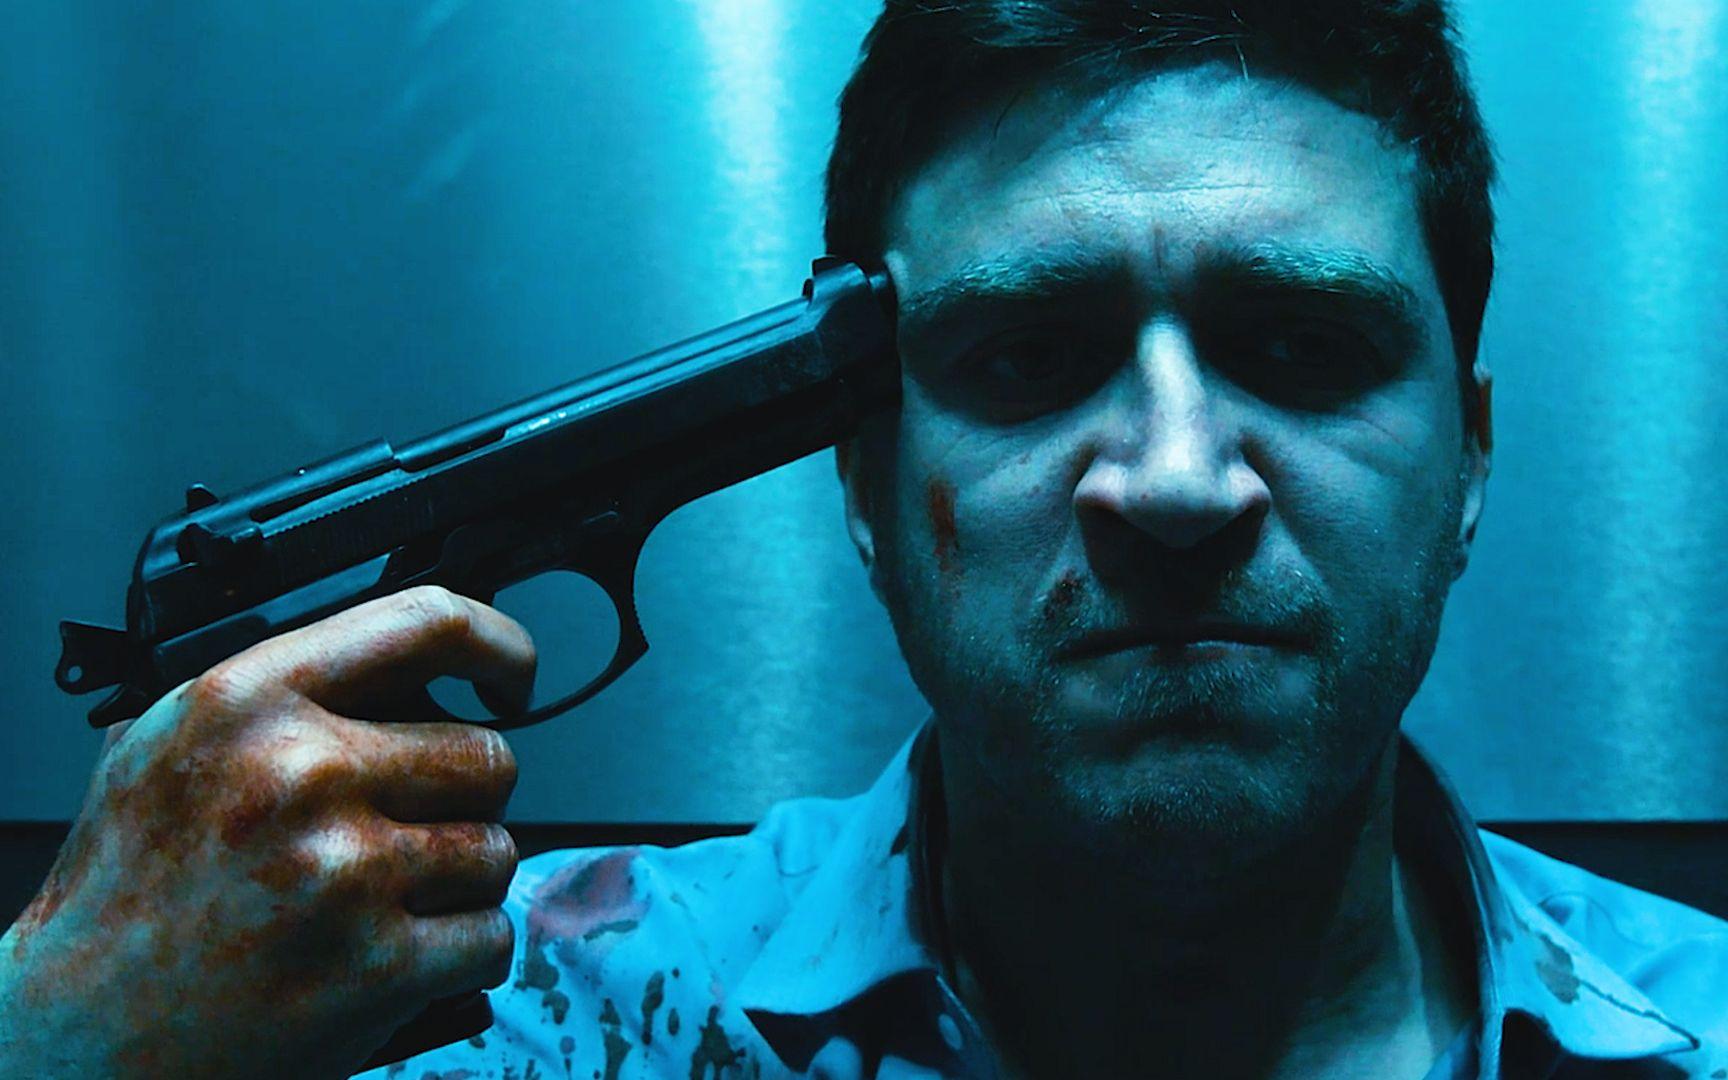 致命病毒大肆扩散,世界充满了活死人,男人被困电梯生无可恋!惊悚电影